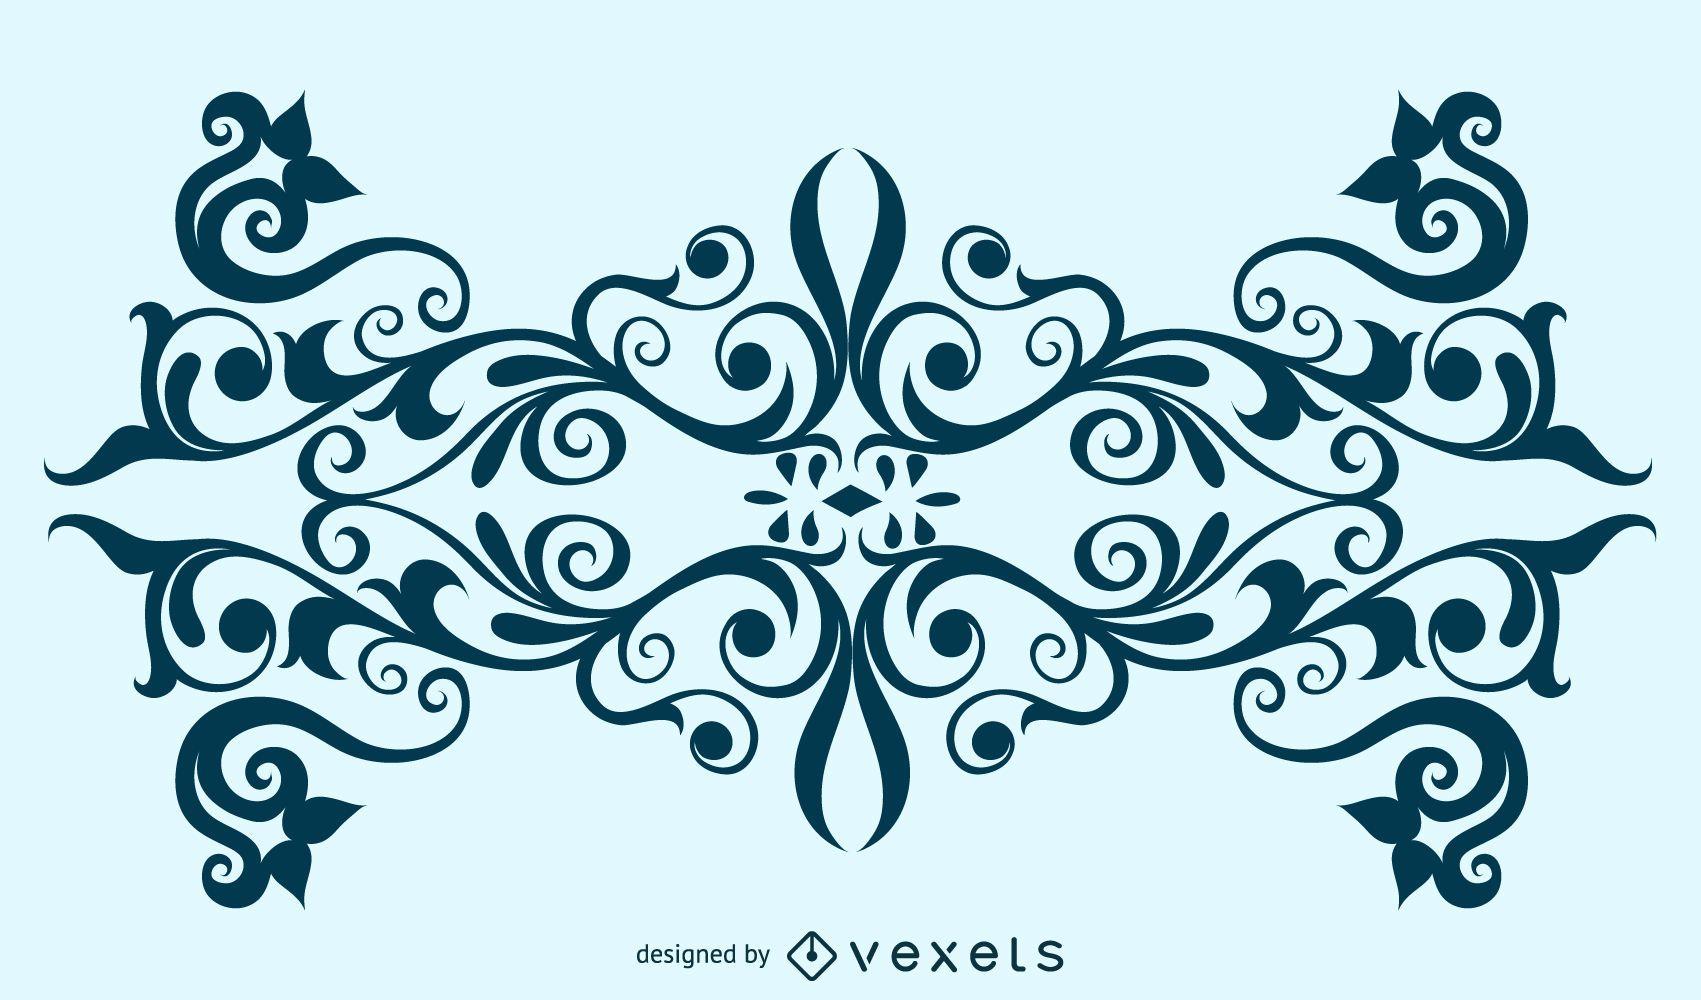 Decorative Swirly Floral Ornament Design